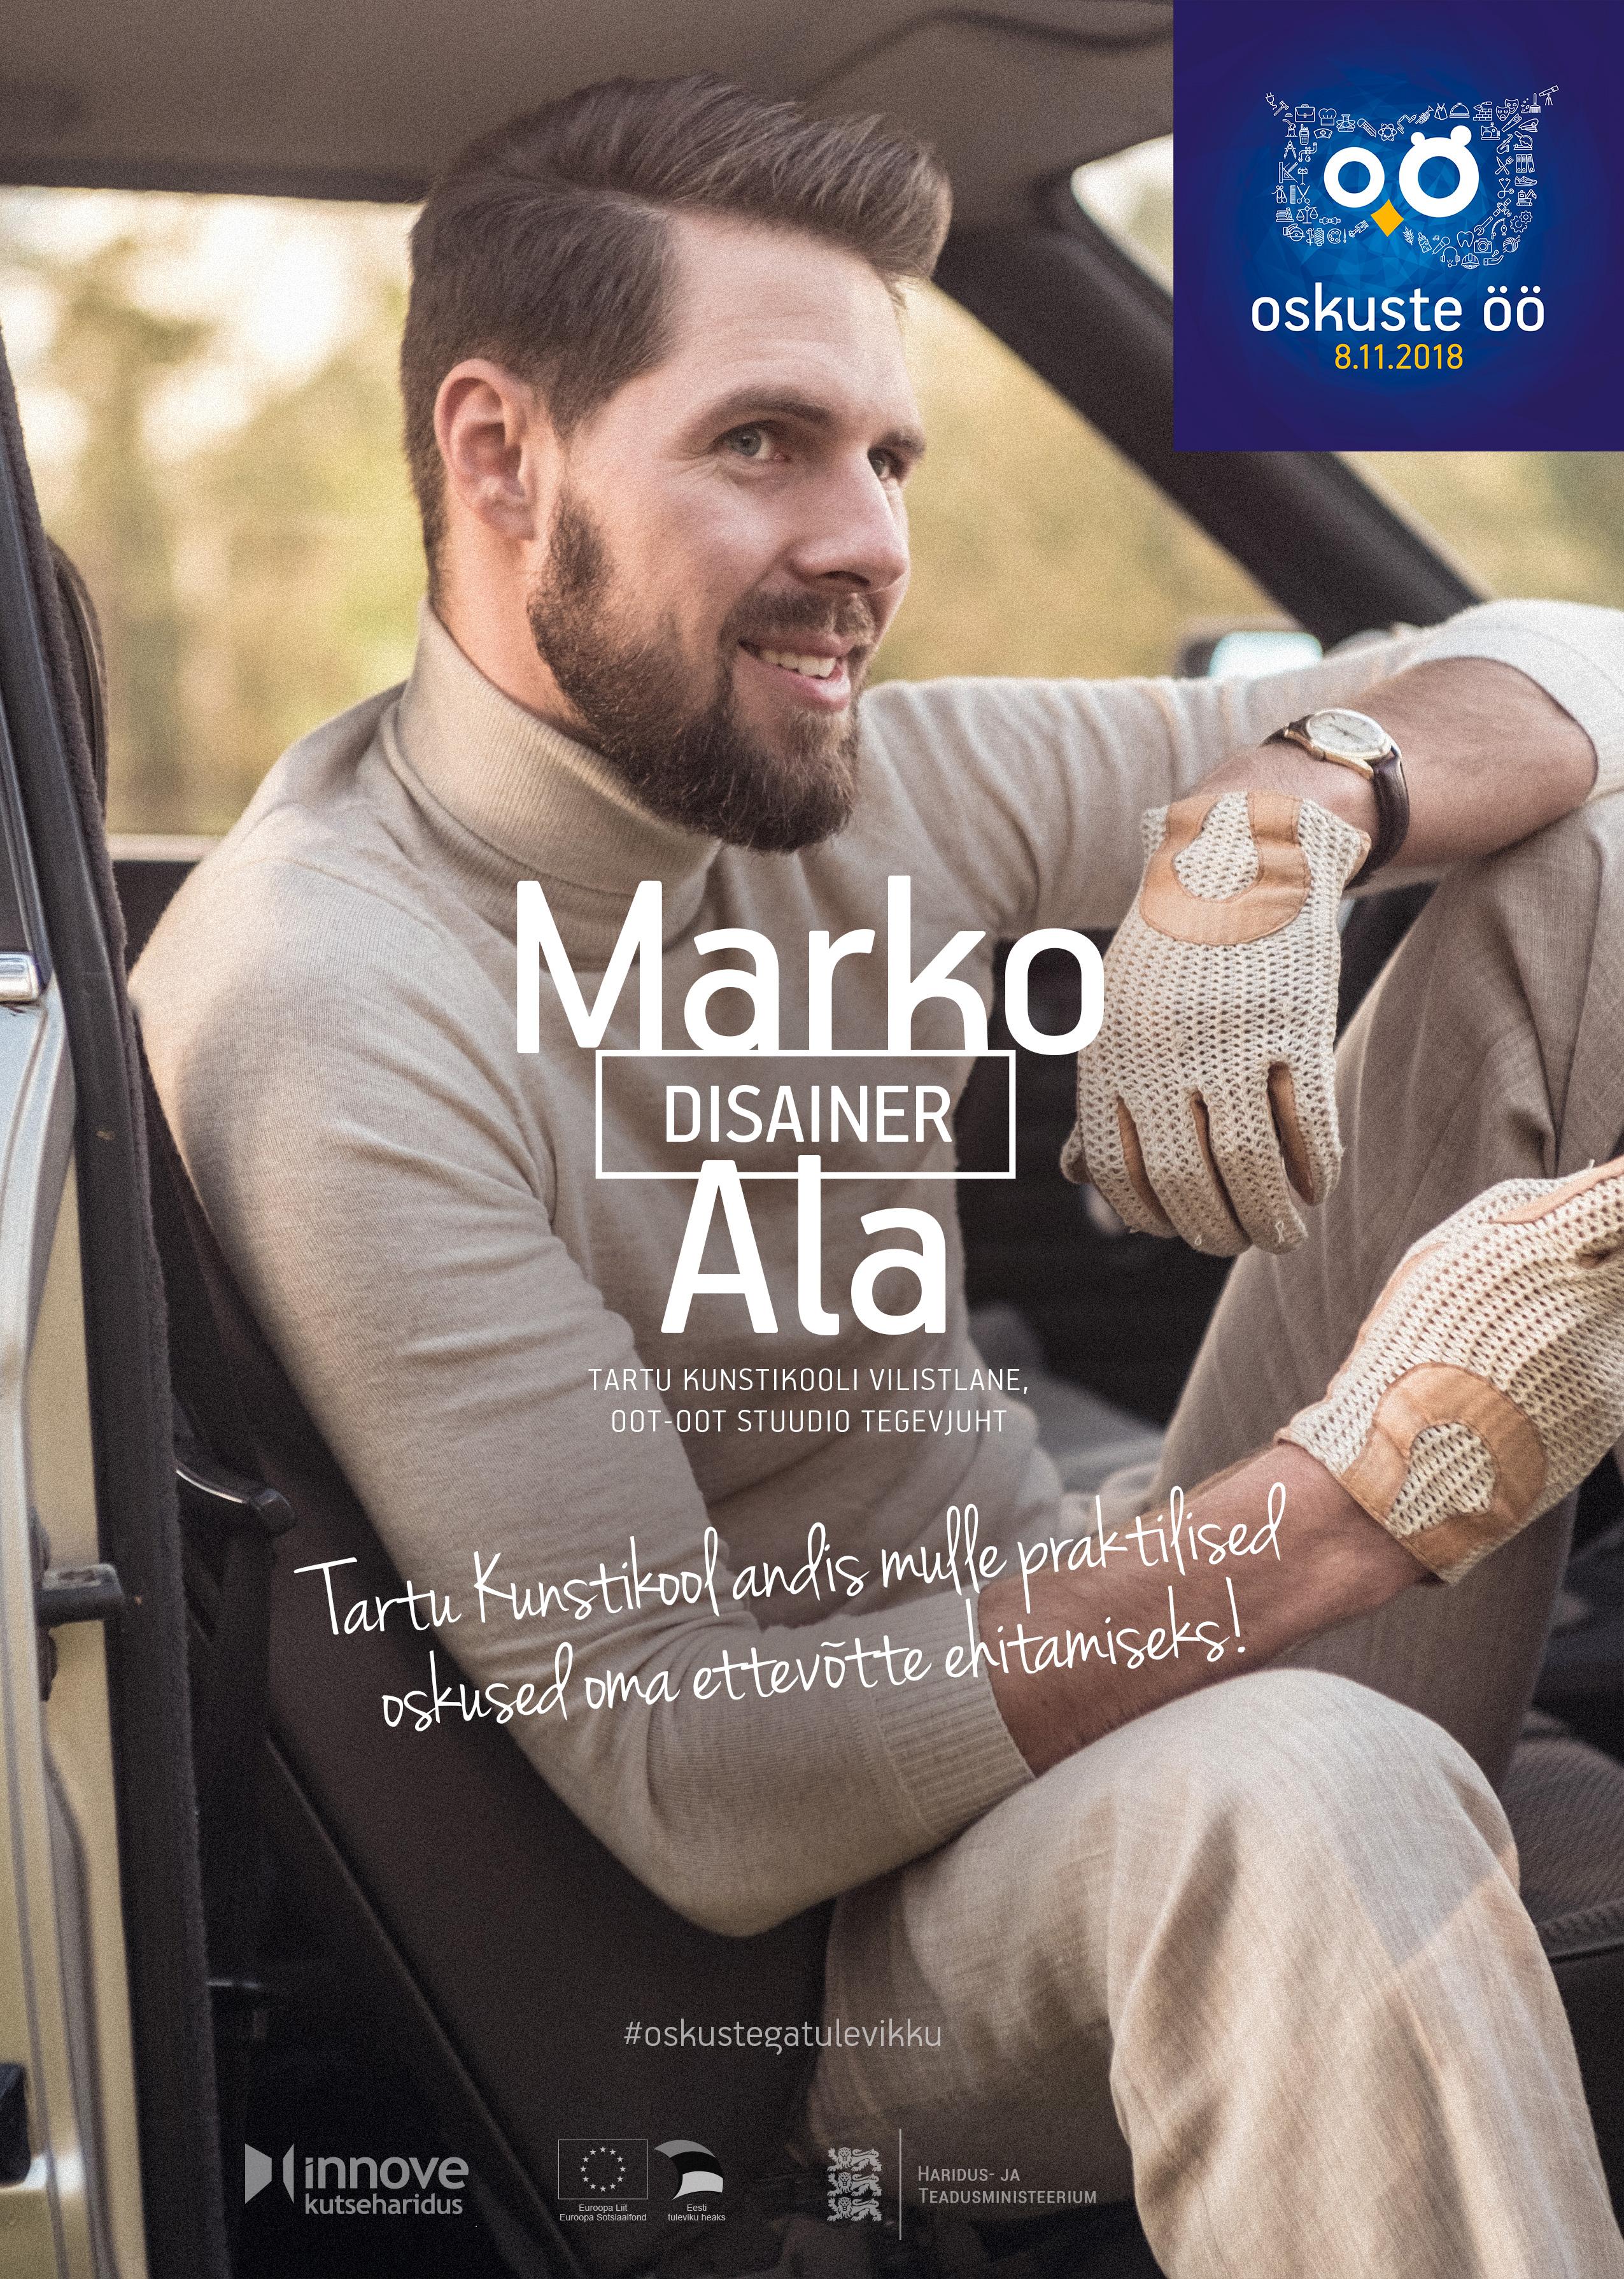 Disainer Marko Ala on Eesti saadik üle-euroopalisel kutseoskuste nädalal